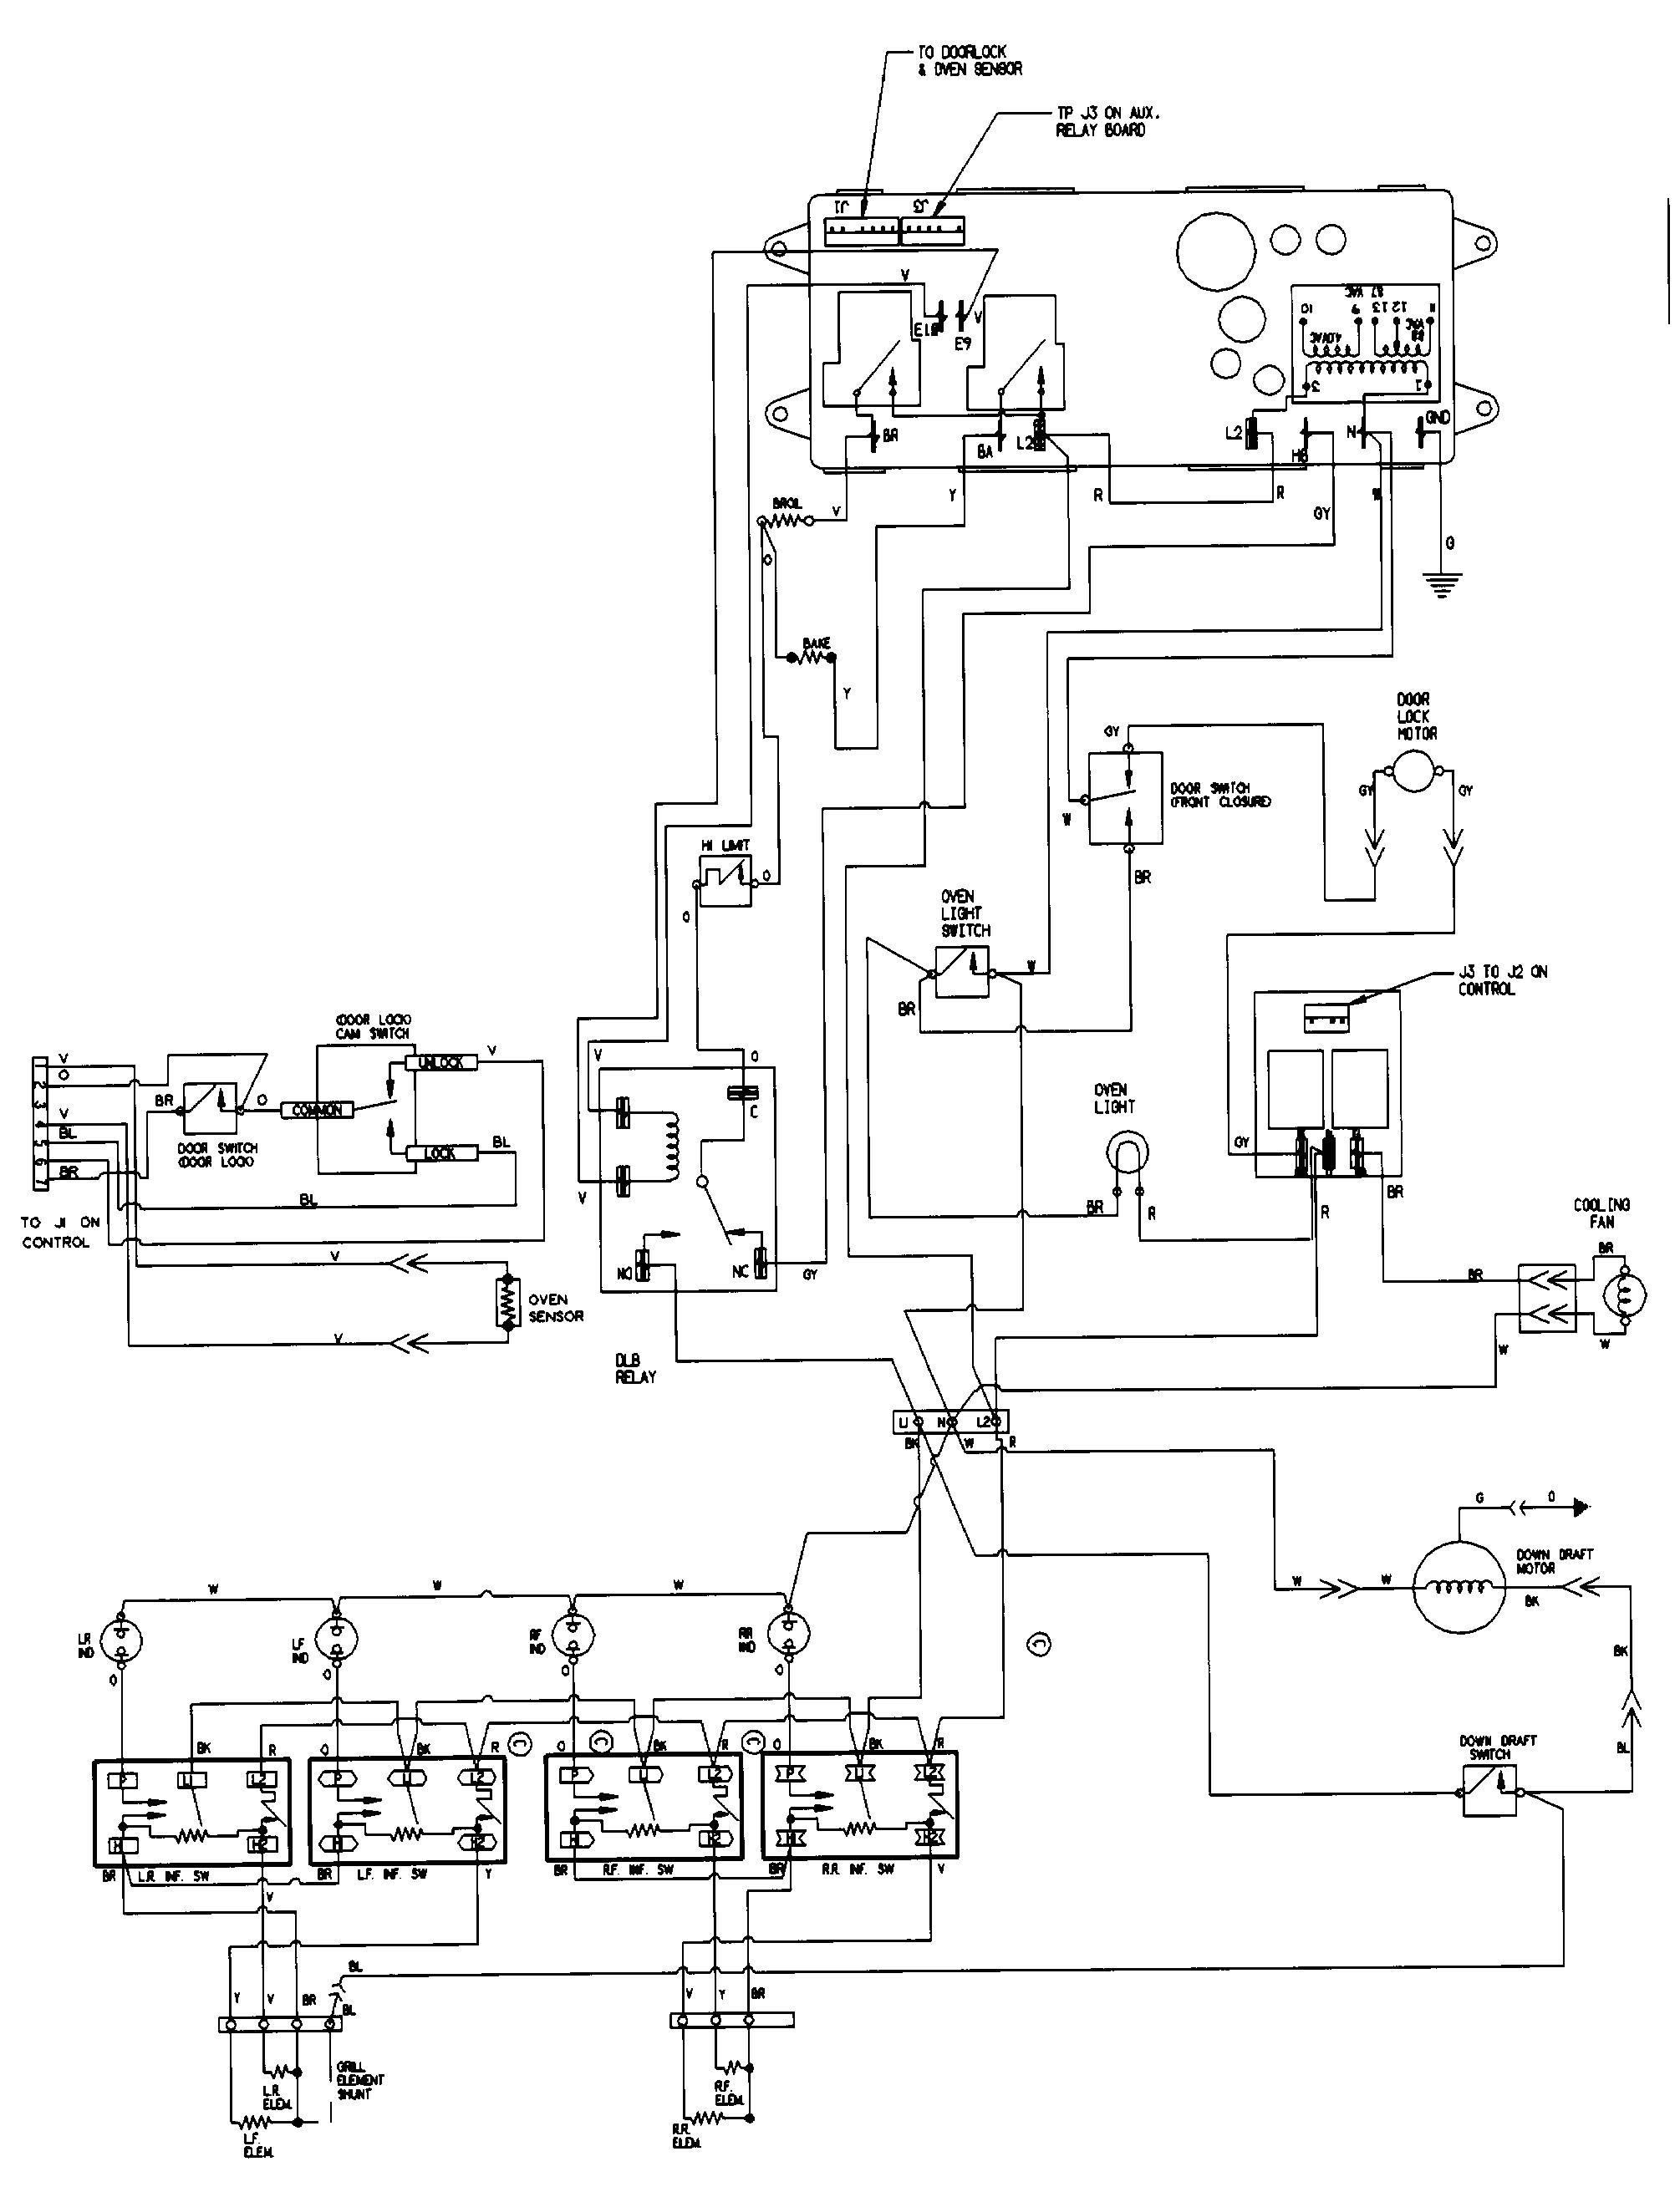 ddx7015 wiring diagram